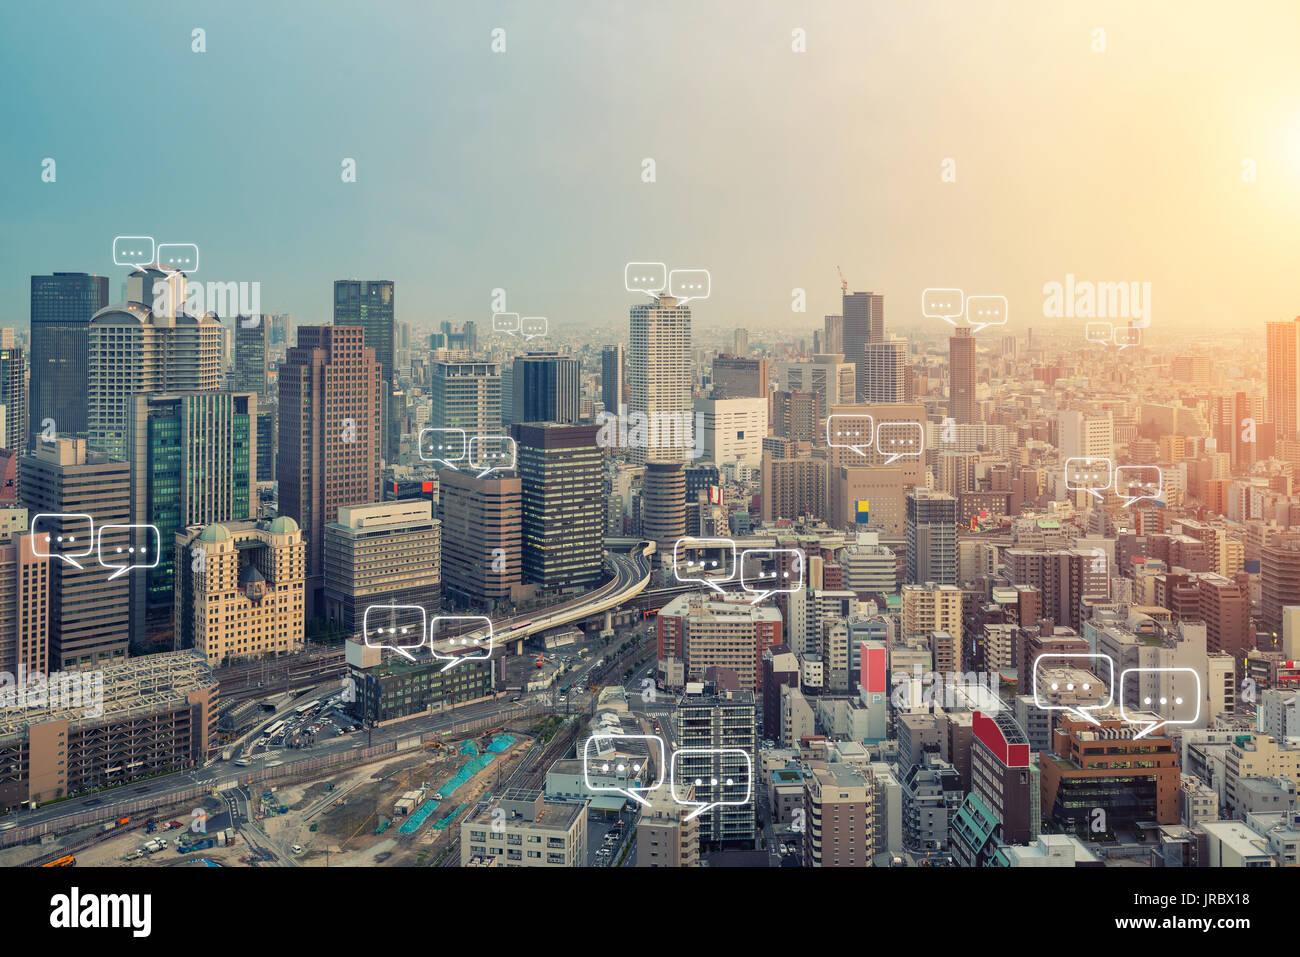 Espacio para texto en la ciudad de Osaka y burbuja de chat para la comunicación. La tecnología y el concepto de comunicación. Internet de la cosa. Imagen De Stock